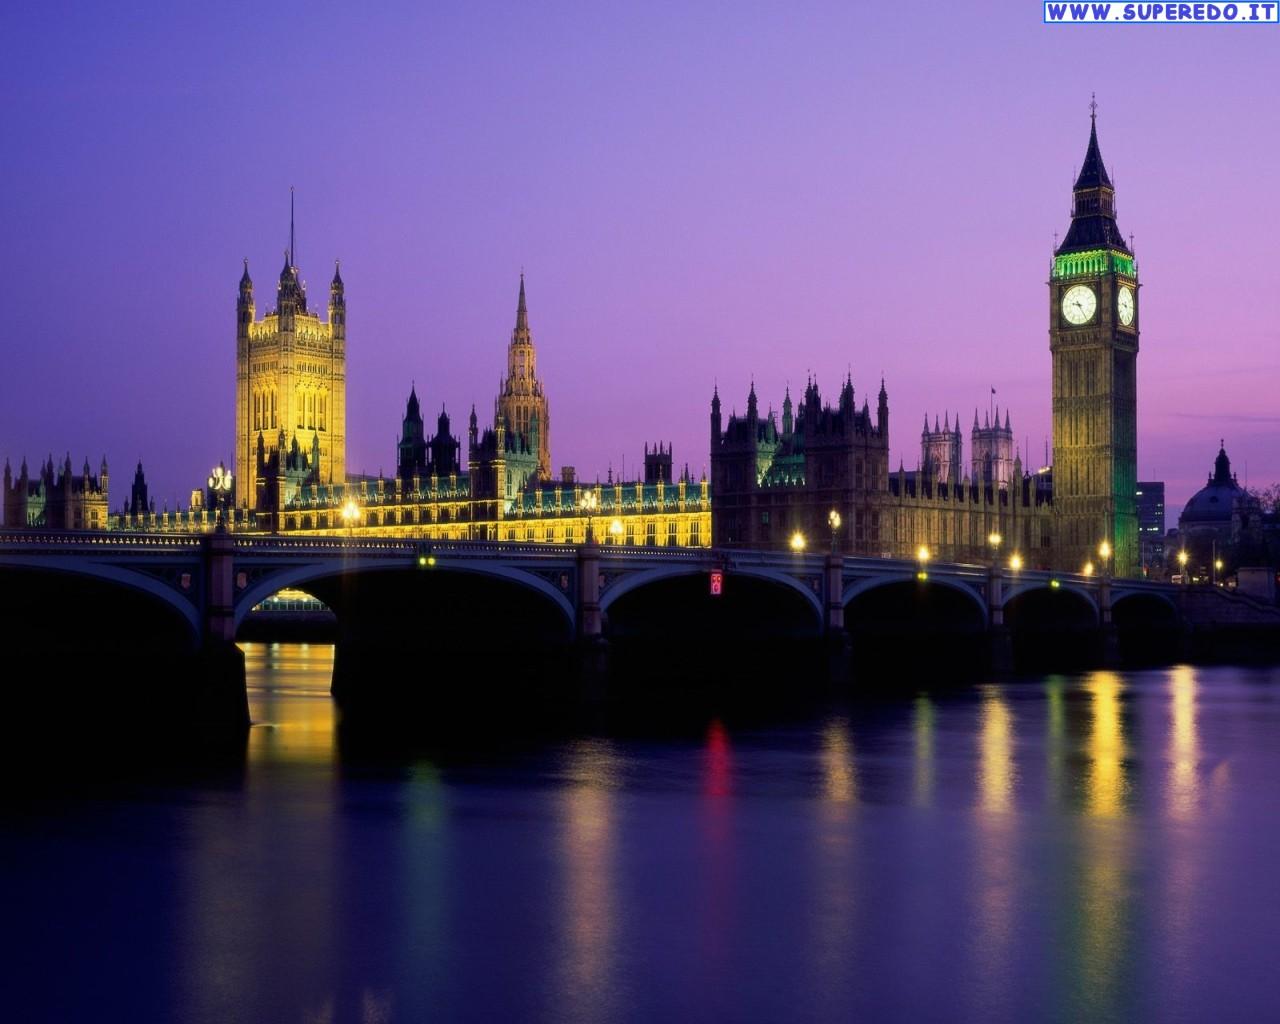 I migliori hotel scontati a Londra connessione wifi